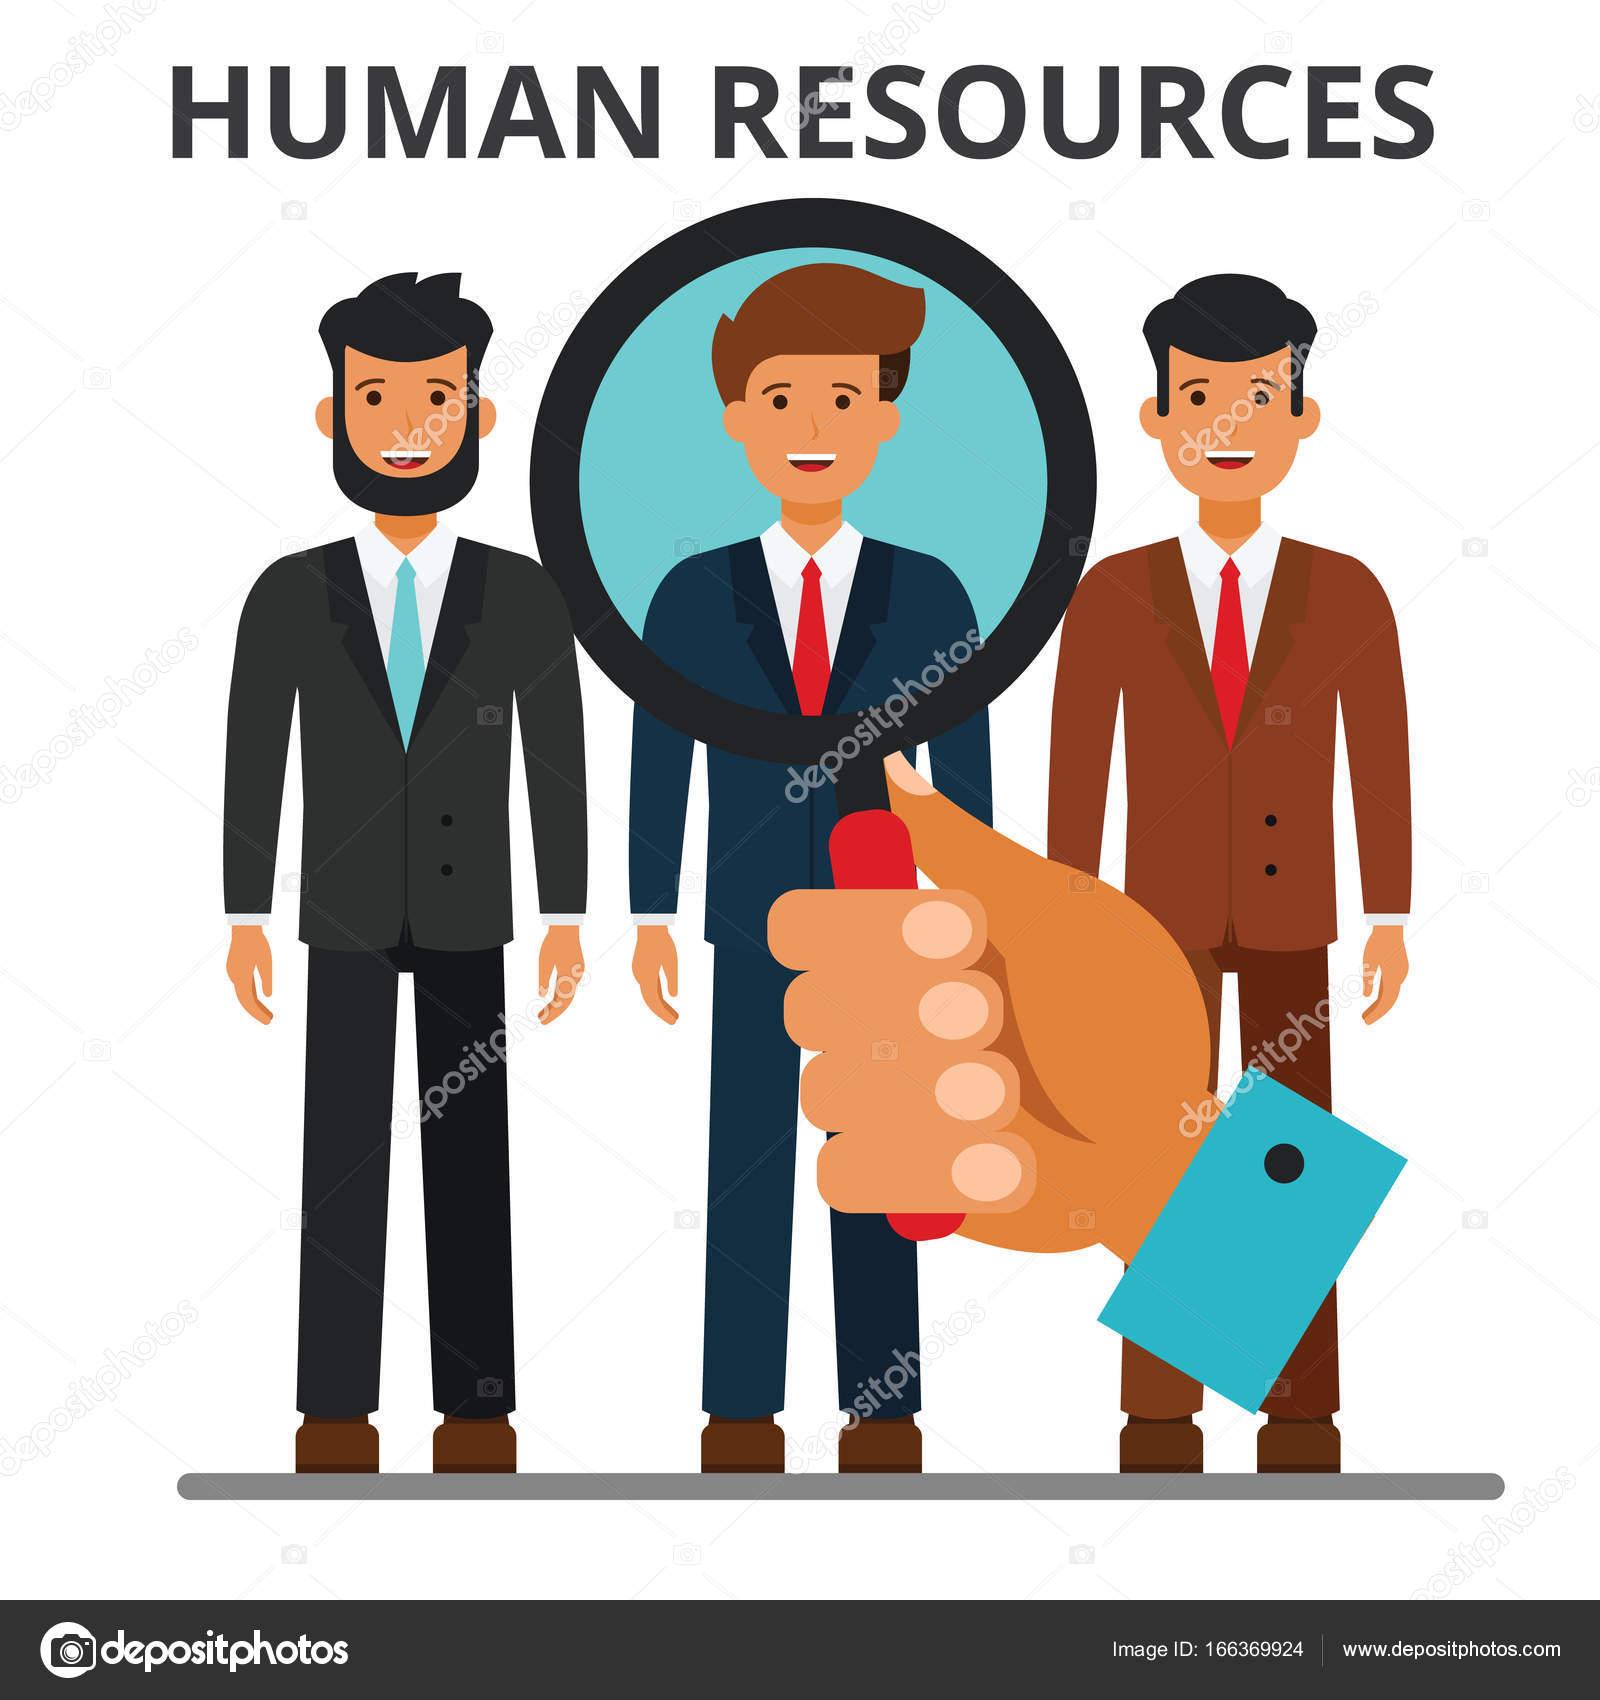 c6cd8ca02d7 Concepto de recursos humanos. Reclutamiento, carrera, búsqueda de la  persona. Contratación. de trabajo, dotación de personal. Ilustración de  vector de ...